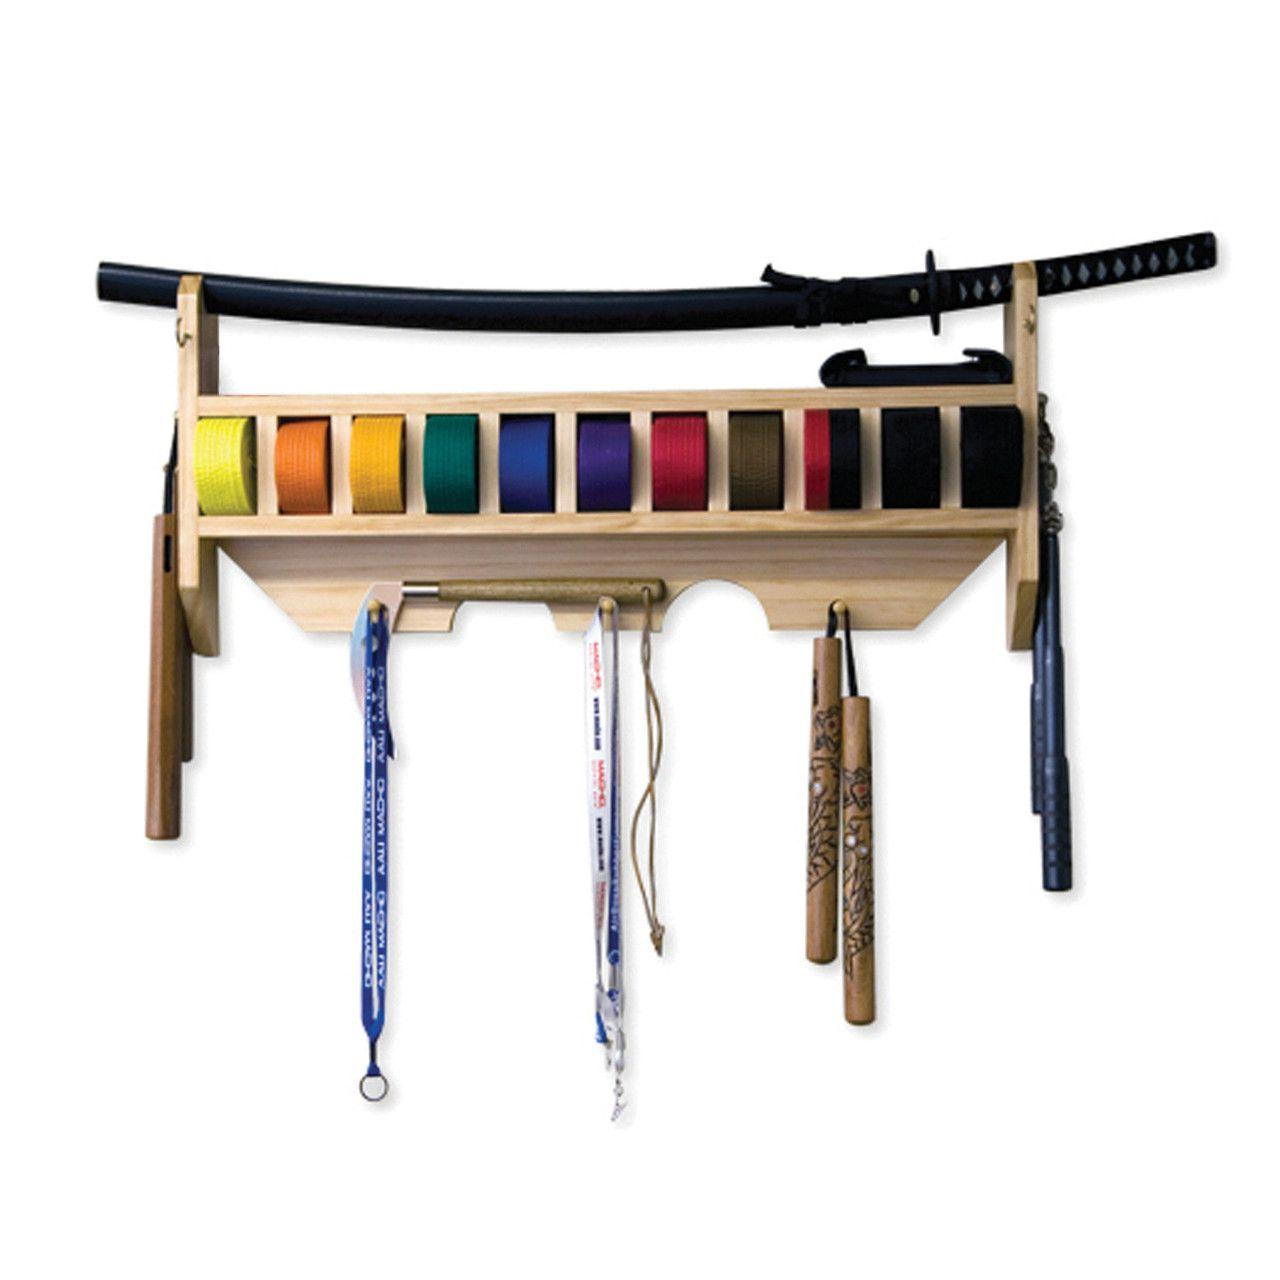 Karate belt display ideas - Victory Belt Display